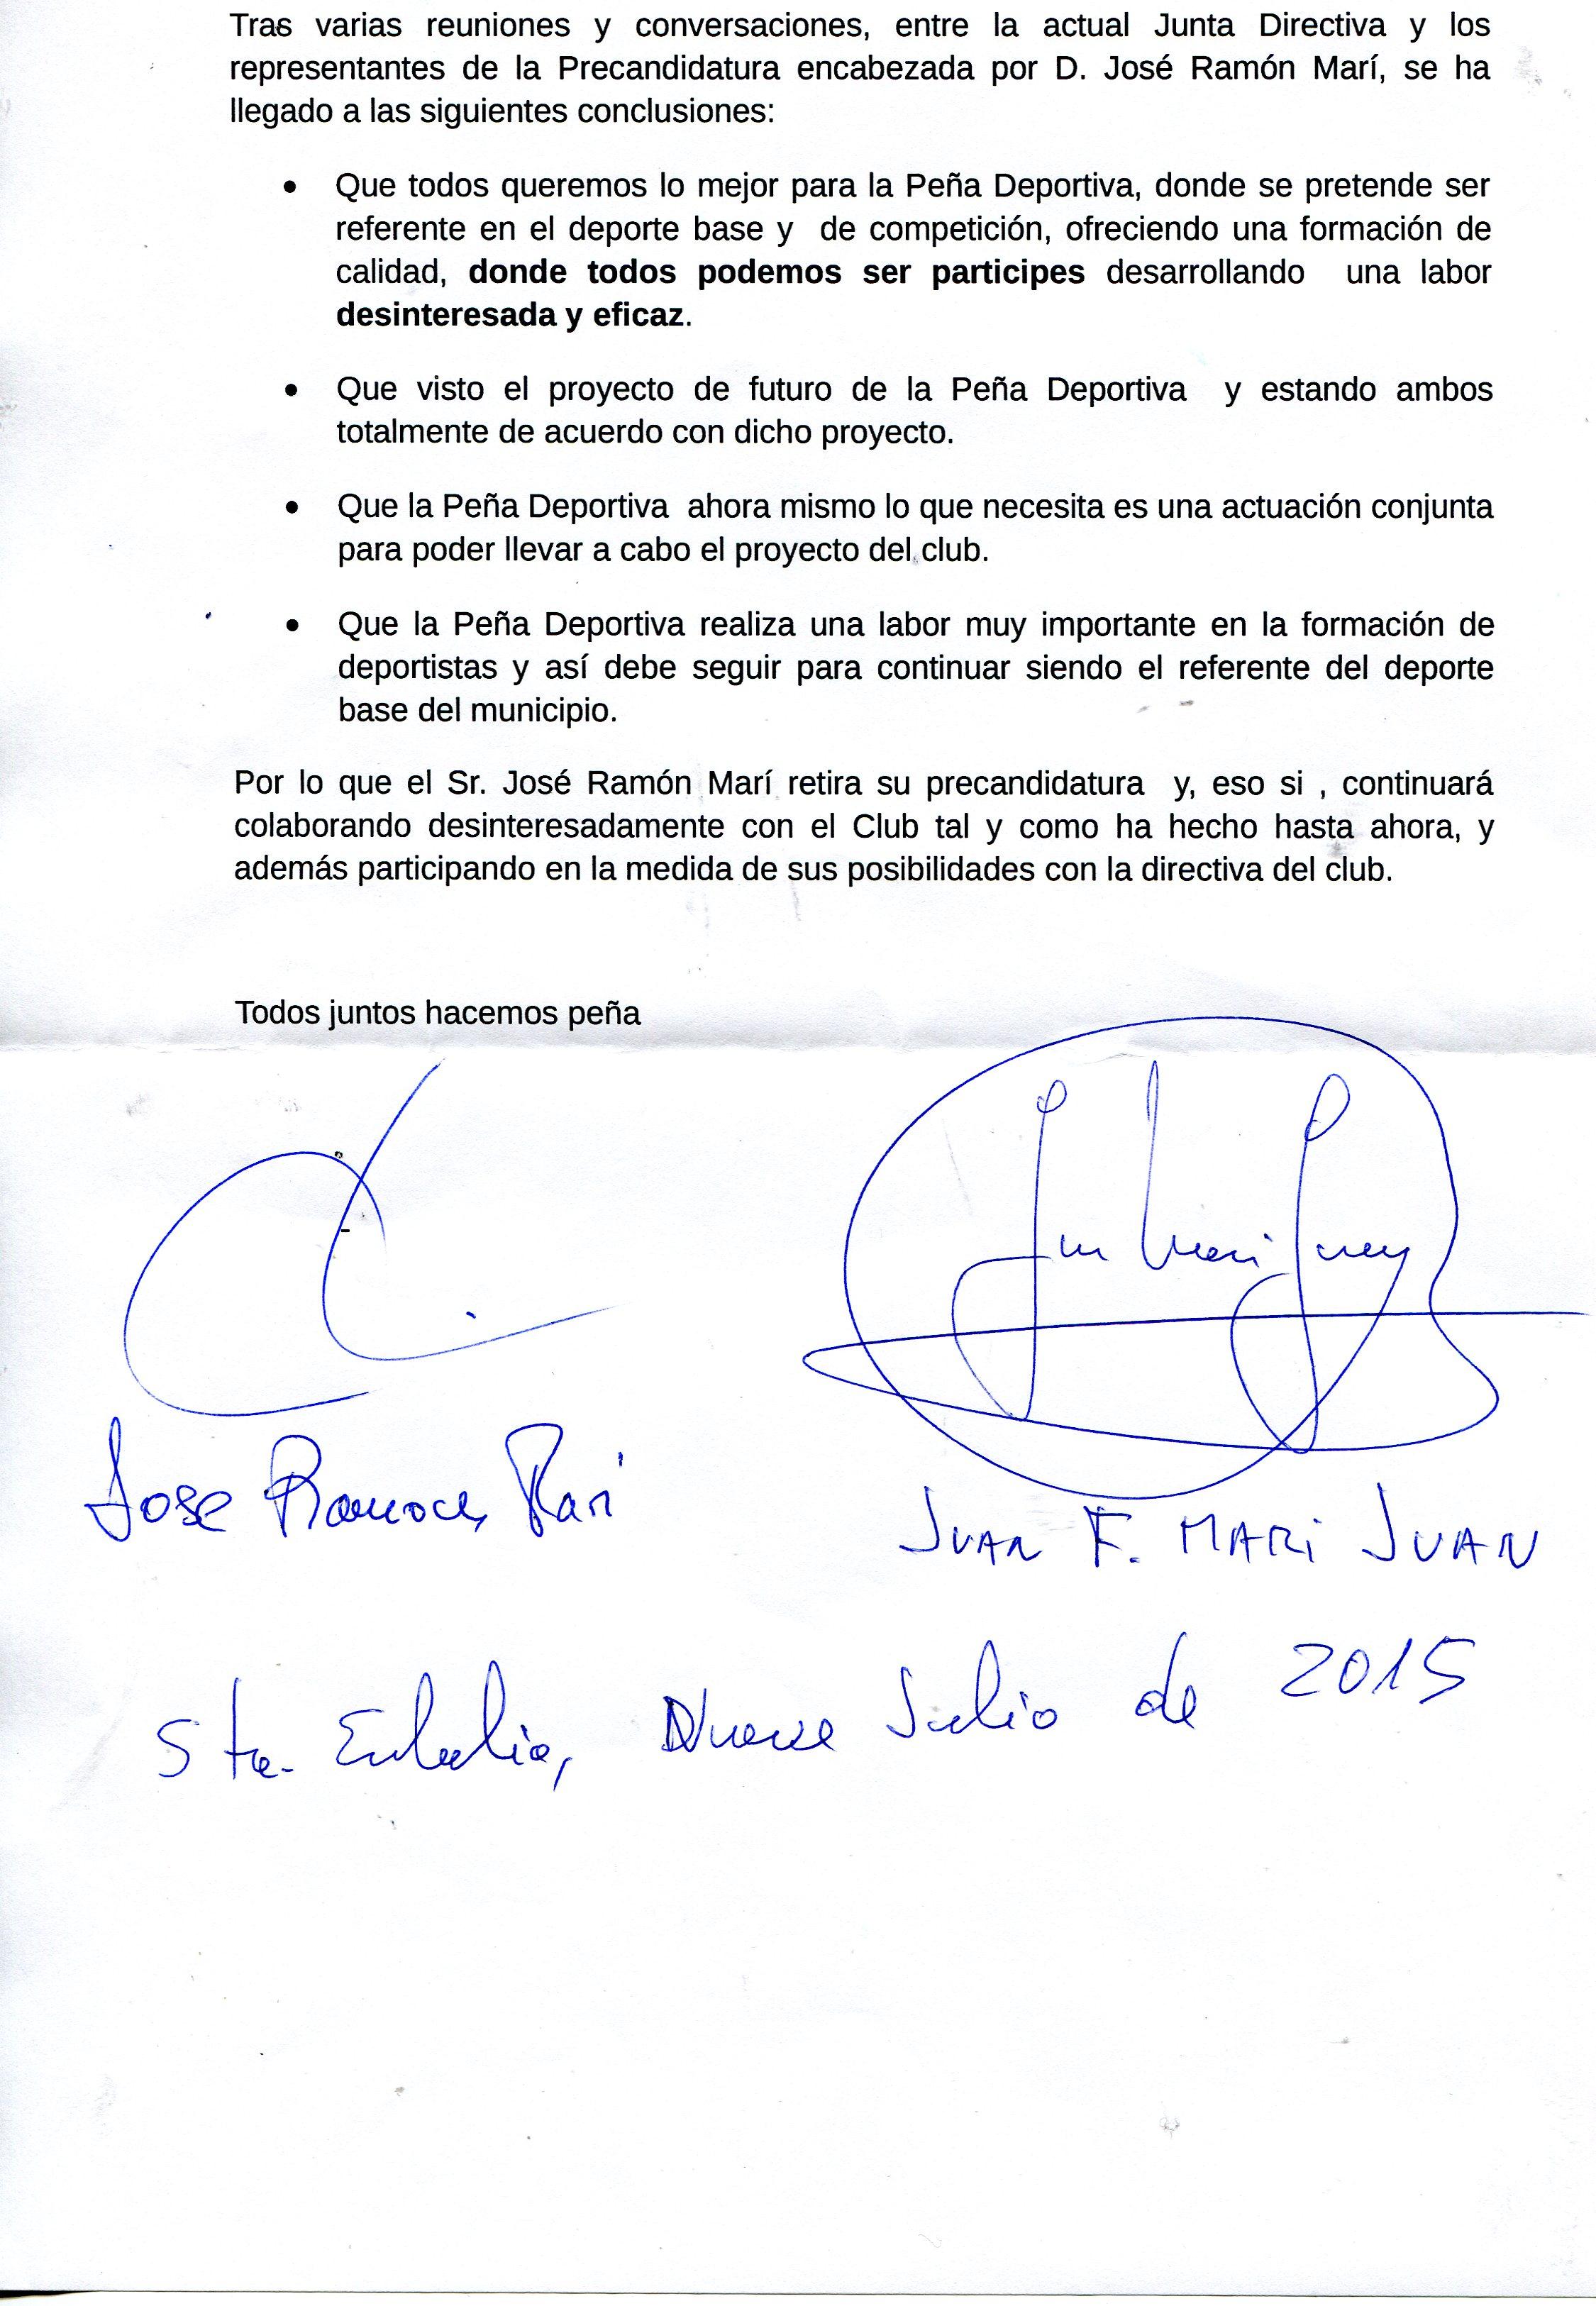 Firmas de la alianza entre ambos dirigentes.